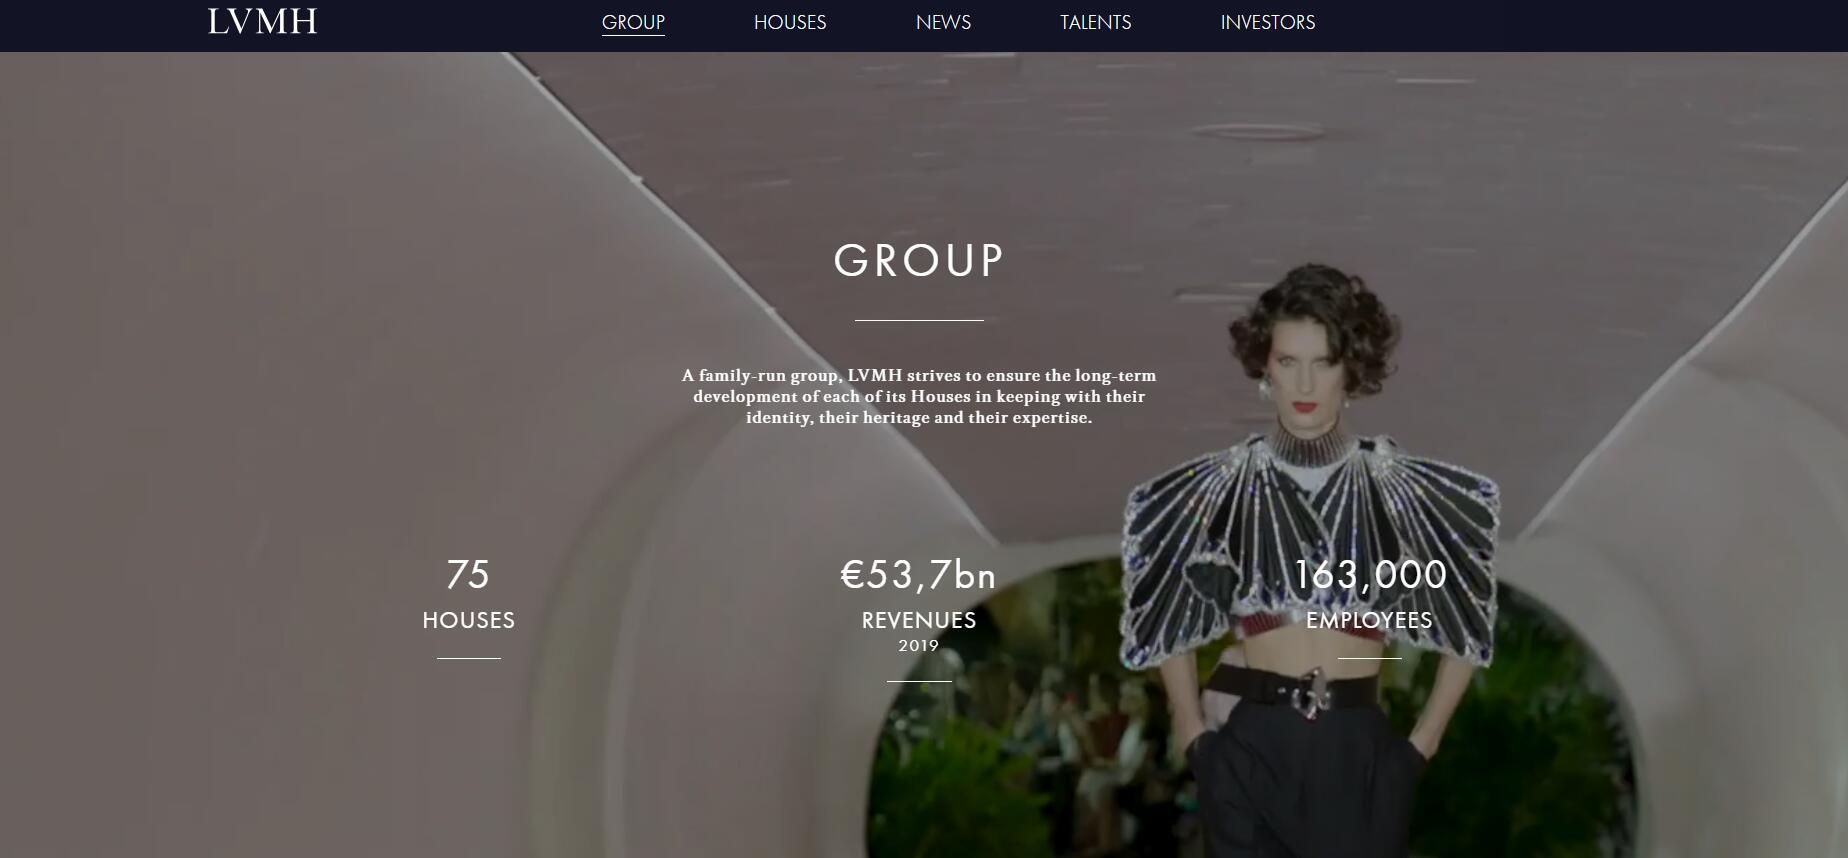 华丽志时尚门店新观察|DESCENTE、RIMOWA、Maison Margiela:移动式陈列、场景购物、神秘感(2020年第5期)